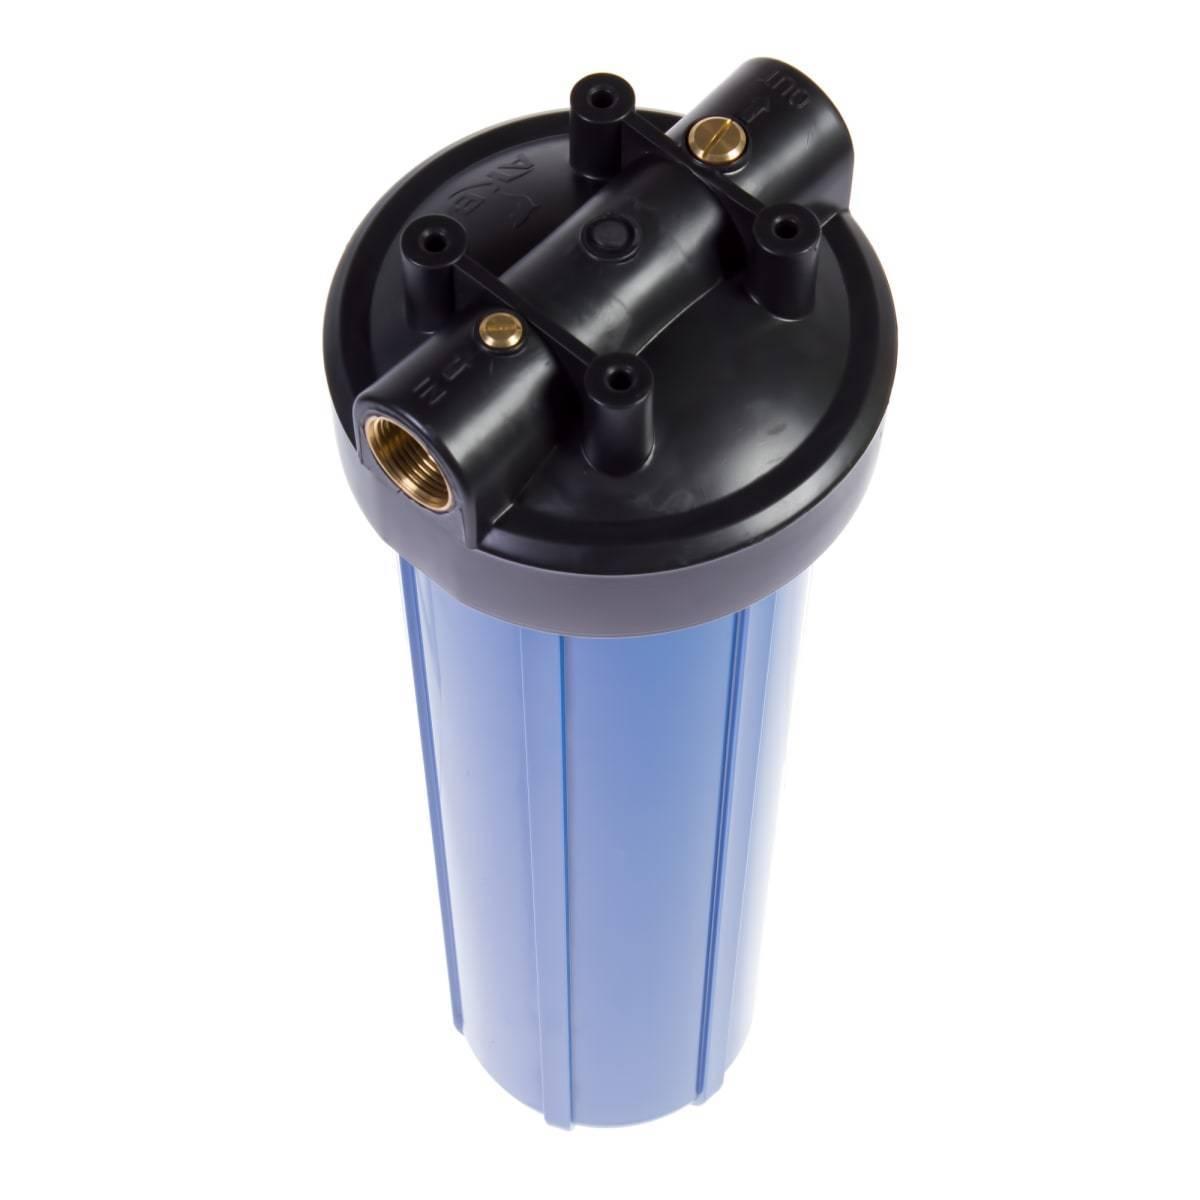 Фильтры для воды под мойку: рейтинг лучших моделей, советы перед покупкой